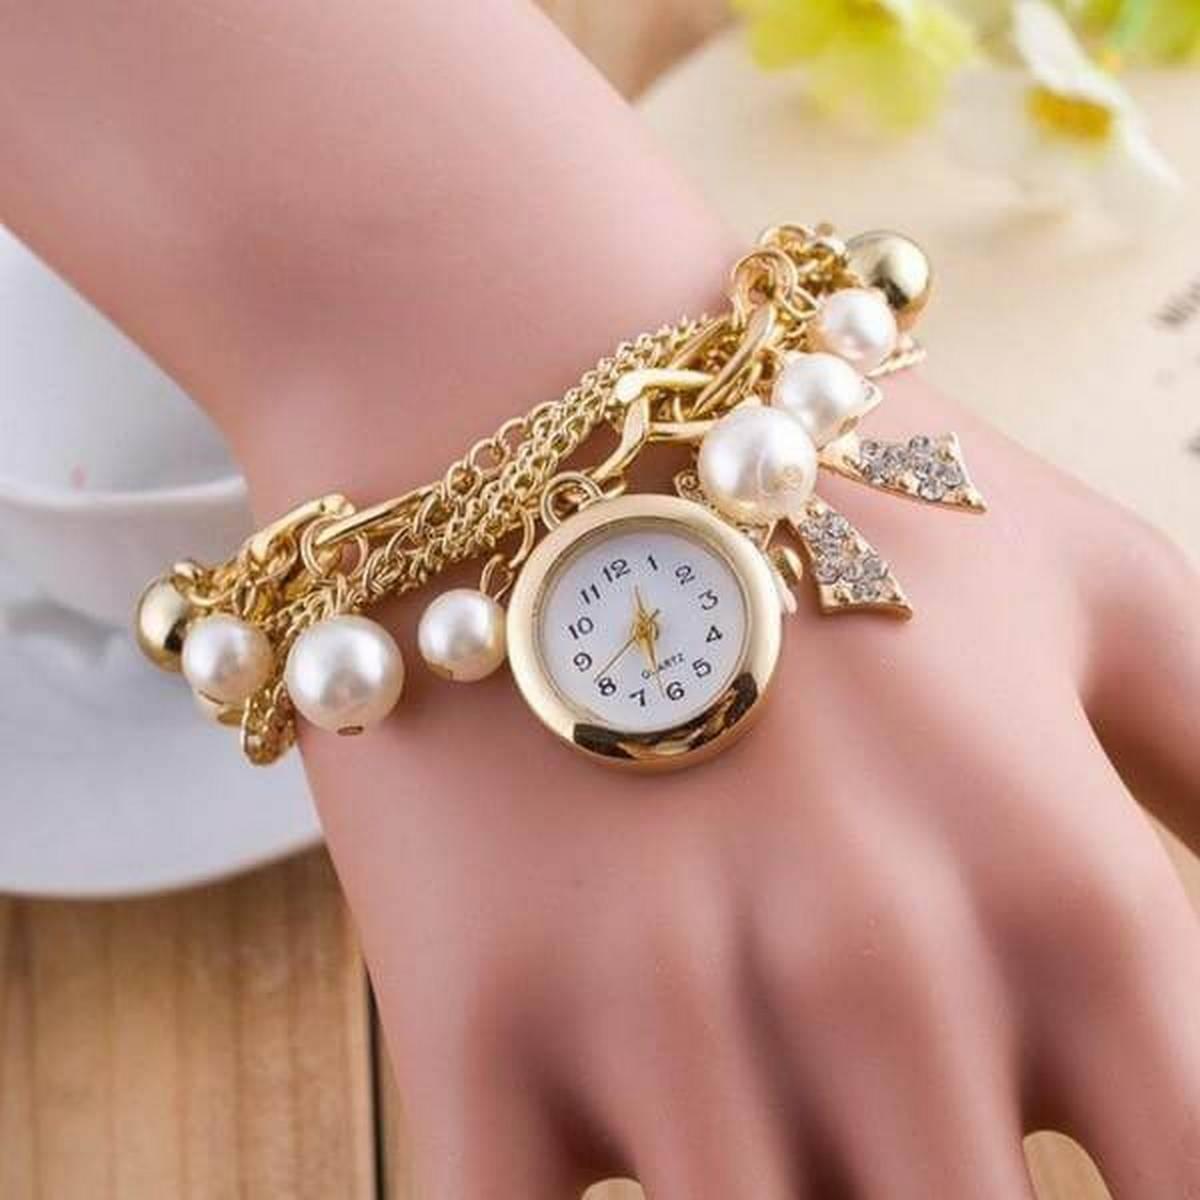 Golden Watch Pearls Bracelet Watch For Girls - Golden Chain Ladies Bracelate Watch for Women